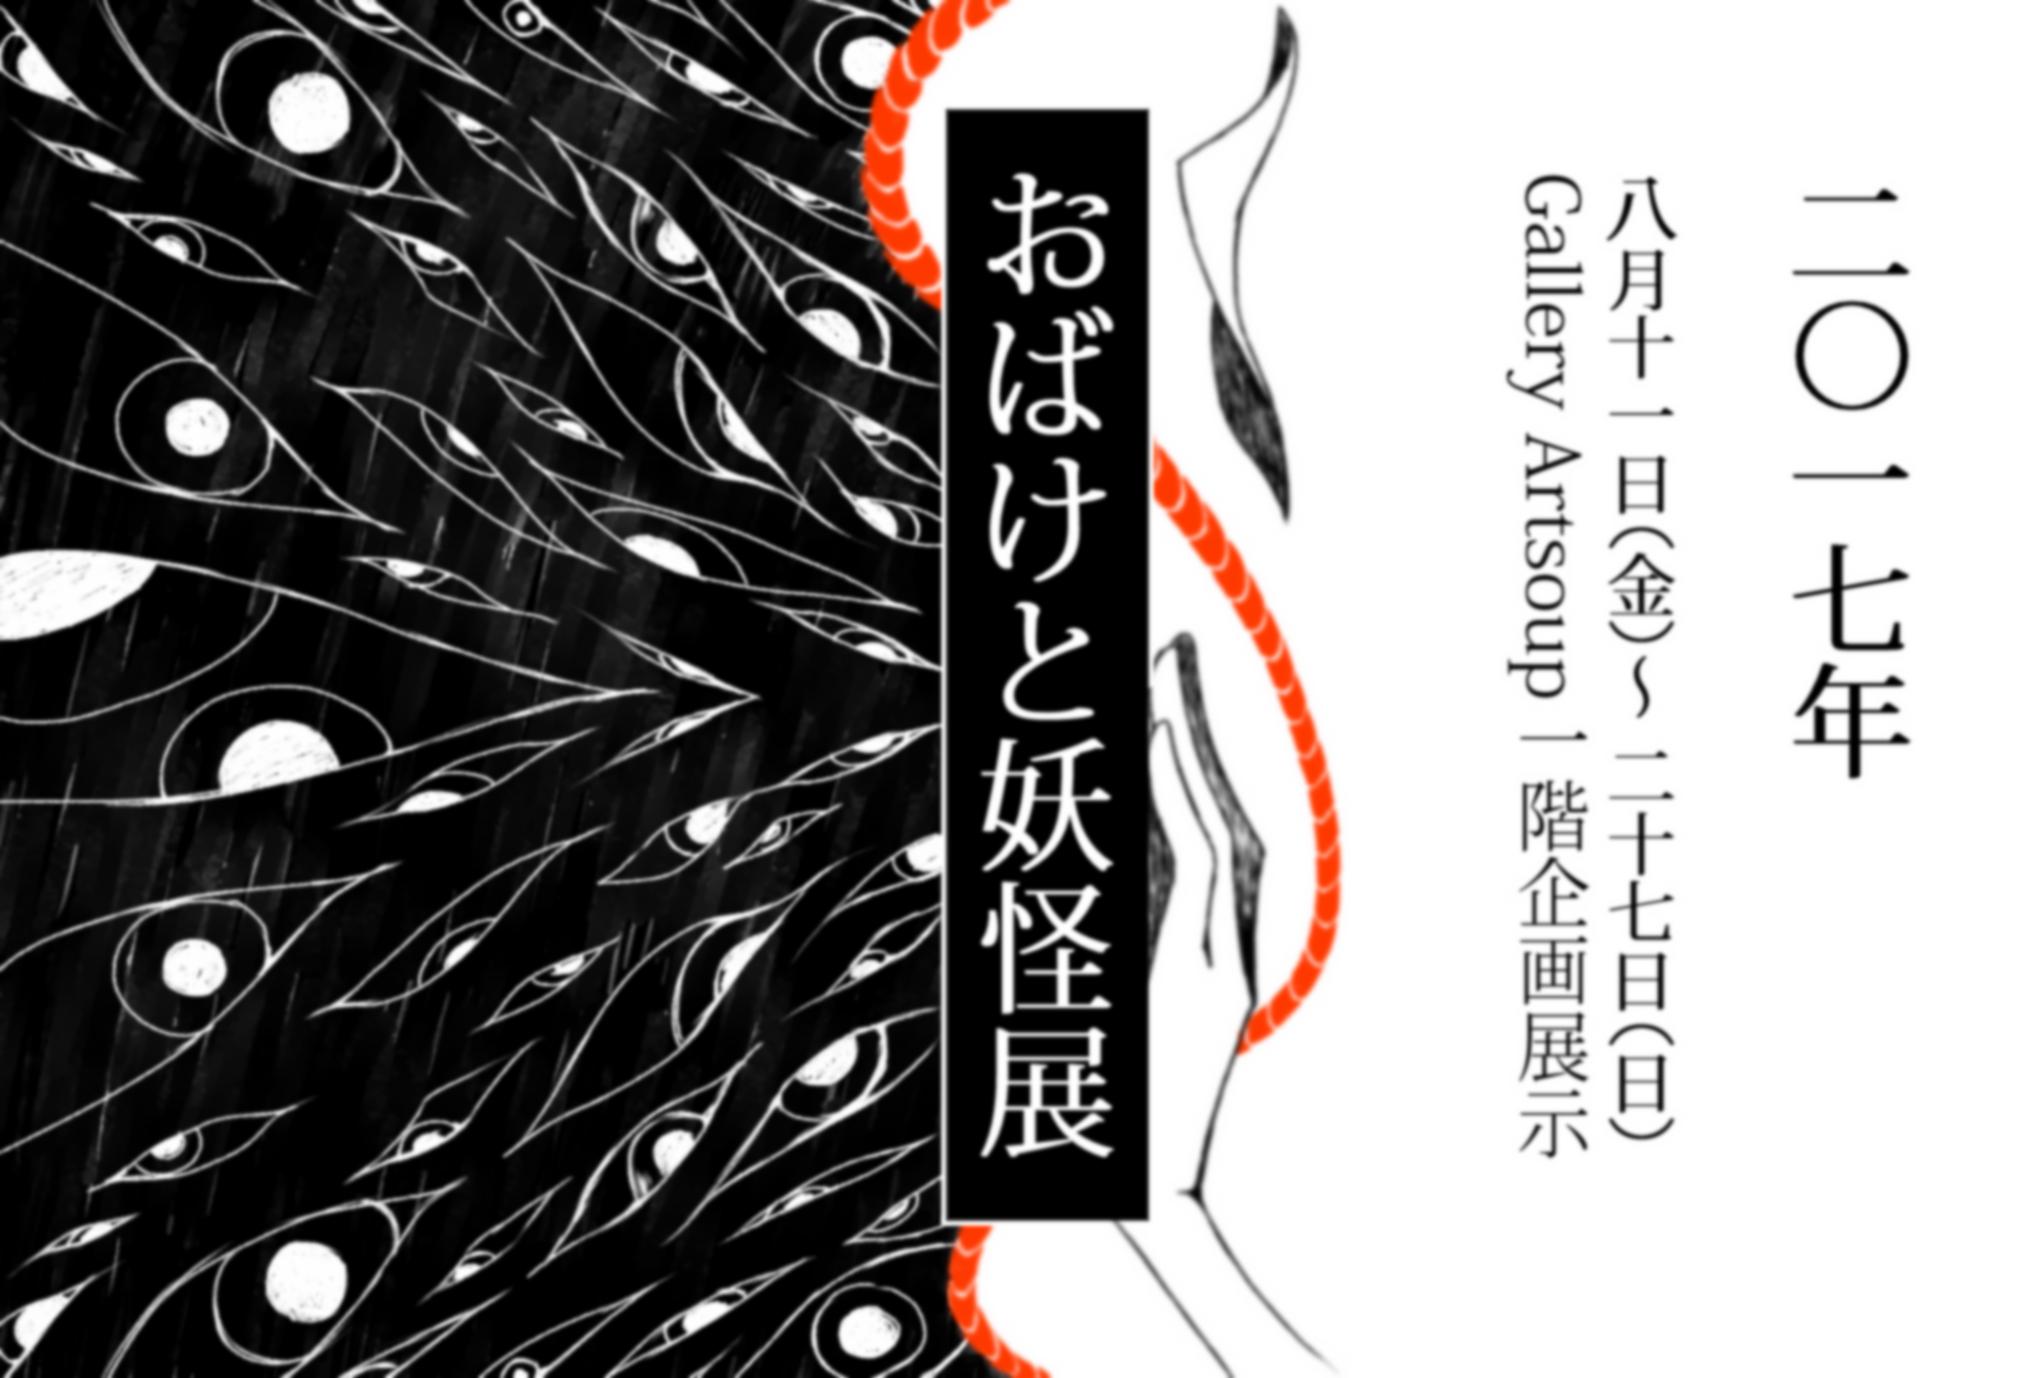 おばけと妖怪展2017募集用